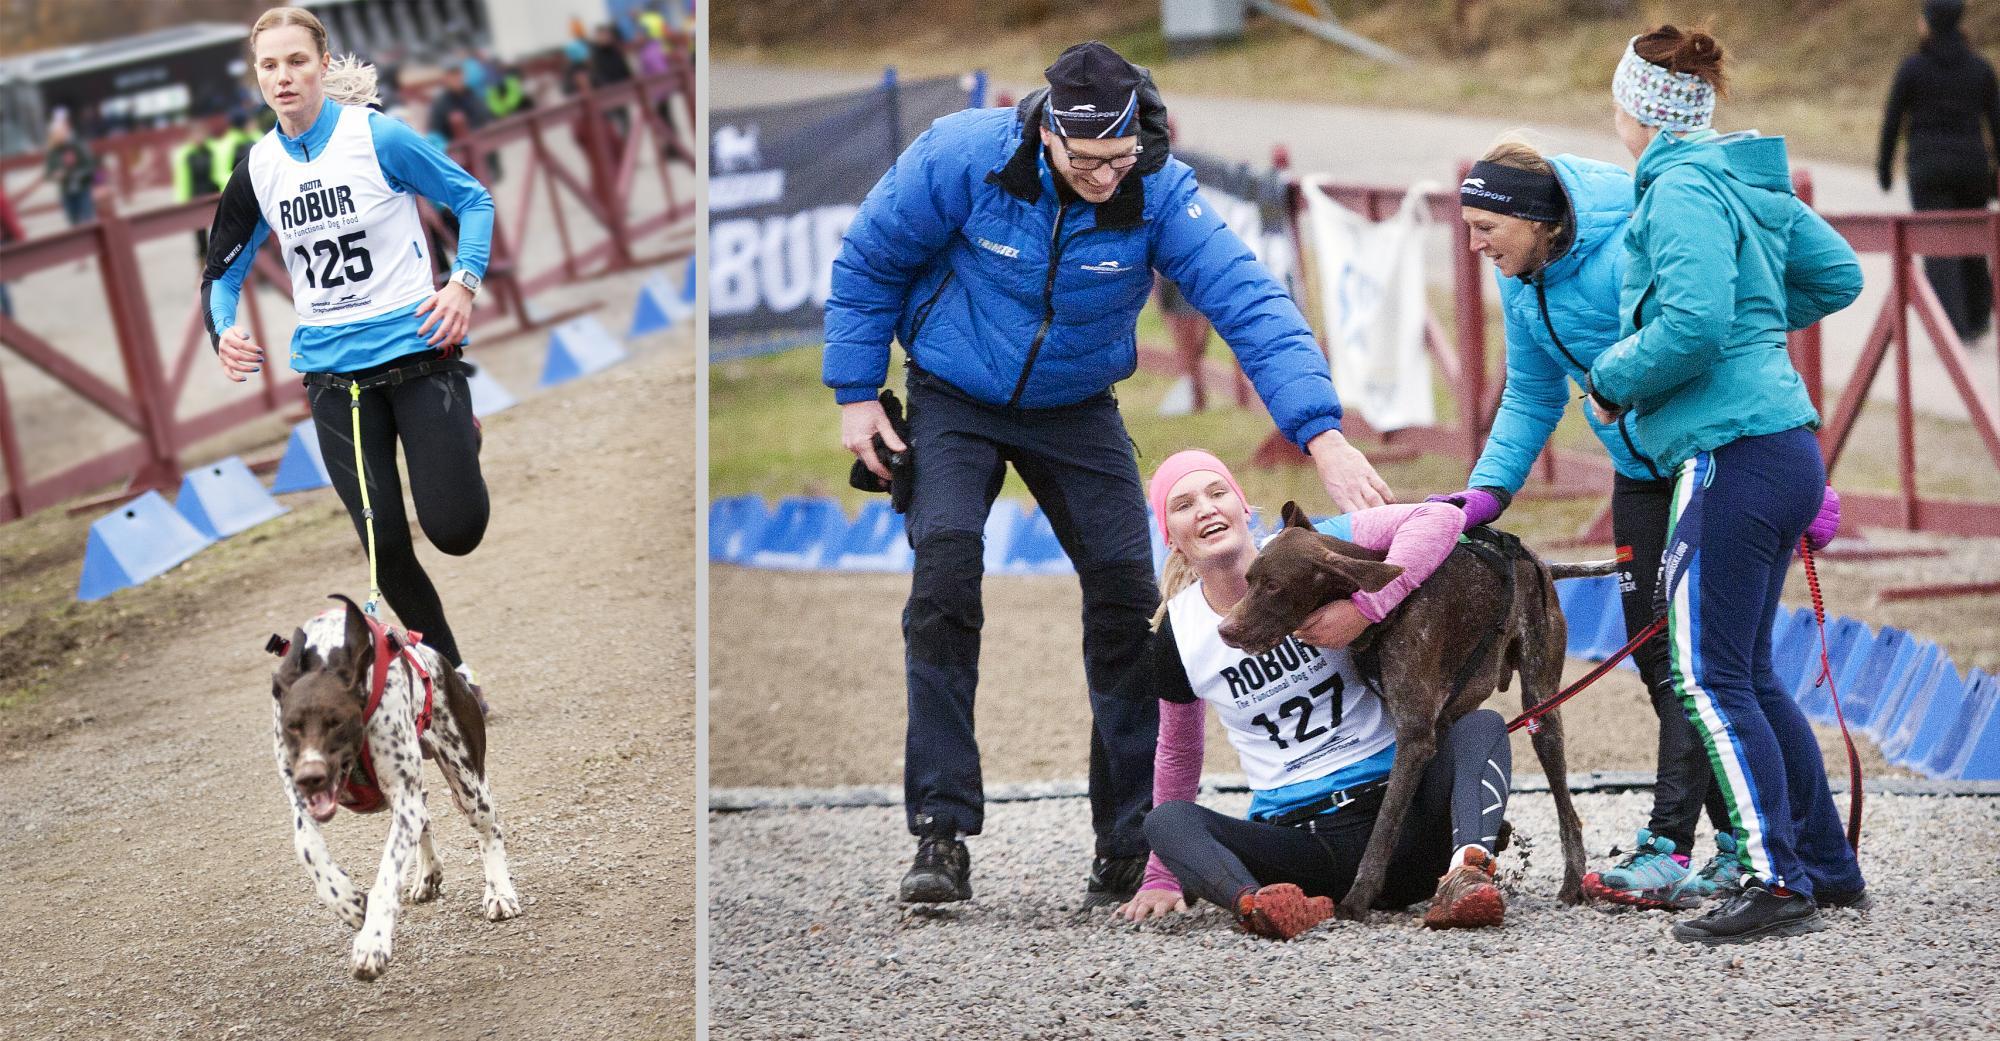 Systrarna Sanna och Emmy Näslund tog hem guld och silver i linlöpning med sina A-hundar som räknas som de snabbaste hundarna.